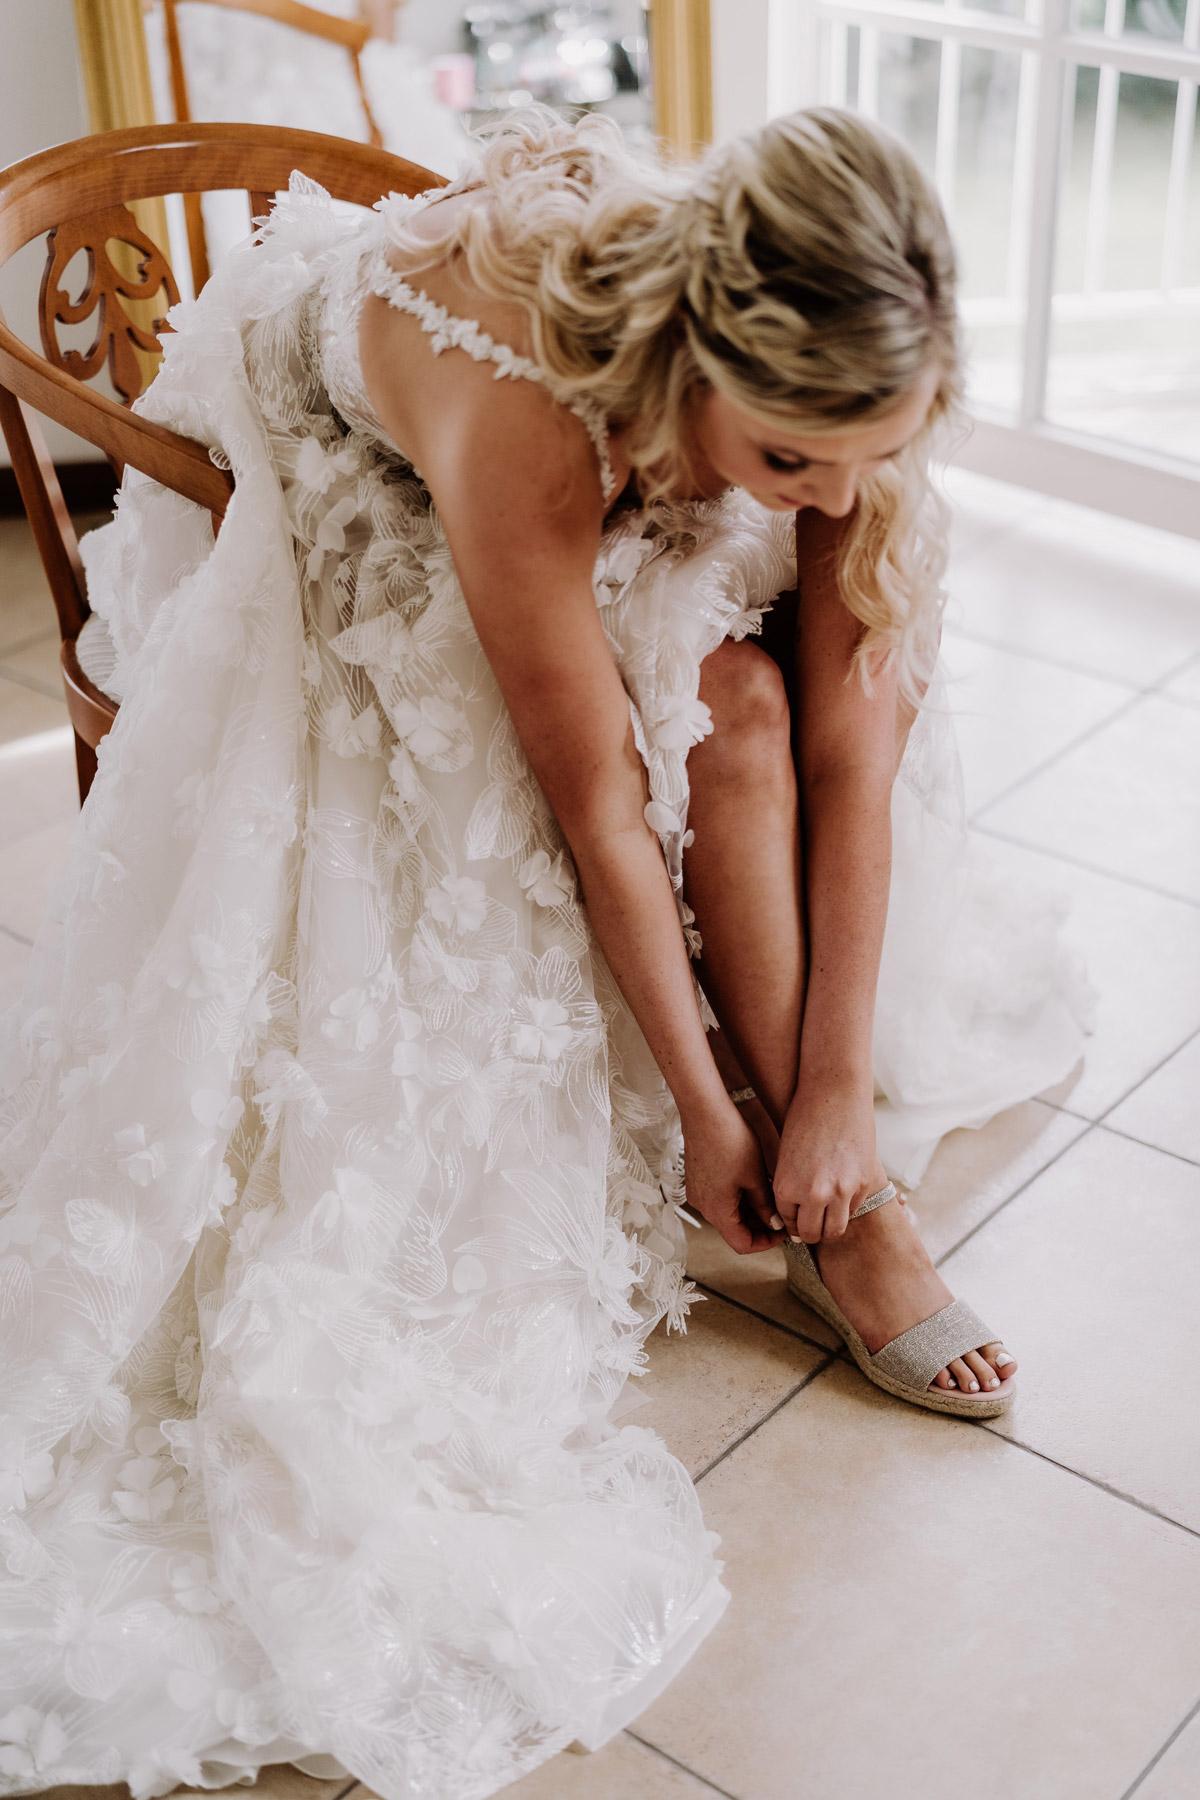 Galia Lahav Braut zieht sommerliche Brautschuhe in silber an für Resort Schwielowsee Hochzeit mit freier Trauung am Wasser festgehalten von Hochzeitsfotograf Potsdam © www.hochzeitslicht.de #hochzeitslicht